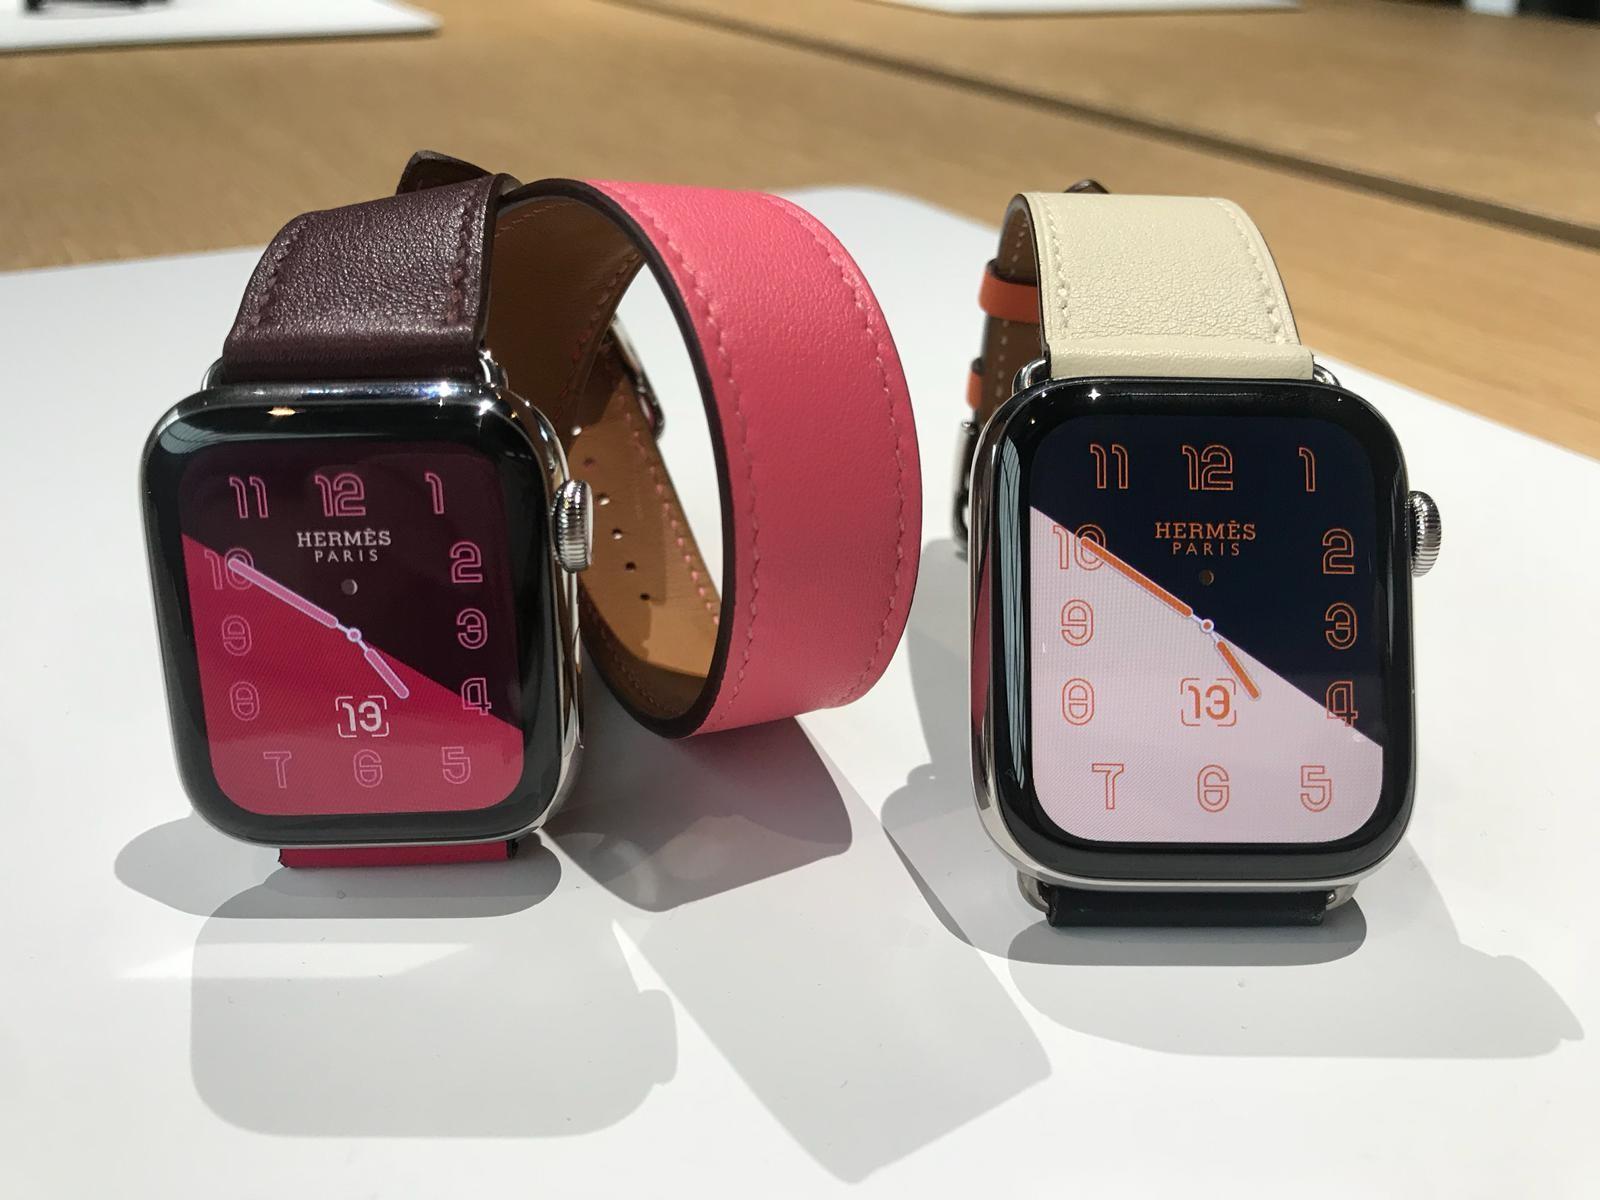 Os novos Apple Watch criados em parceria com a Hermès (Foto: Larissa Gomes)